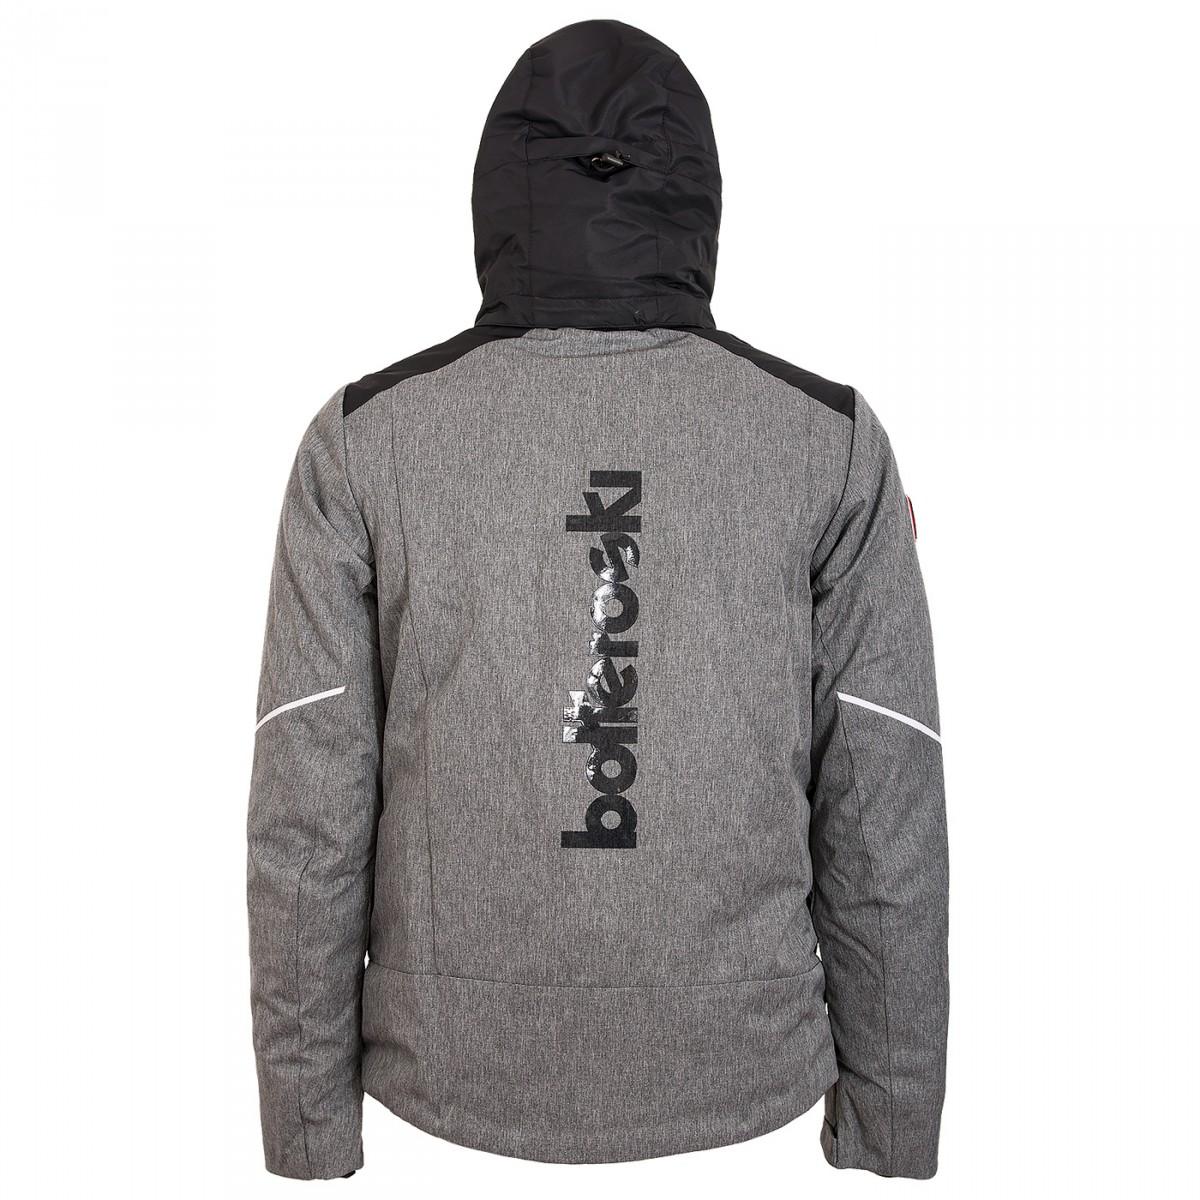 Compra nieve chaqueta de marcas online al por mayor de